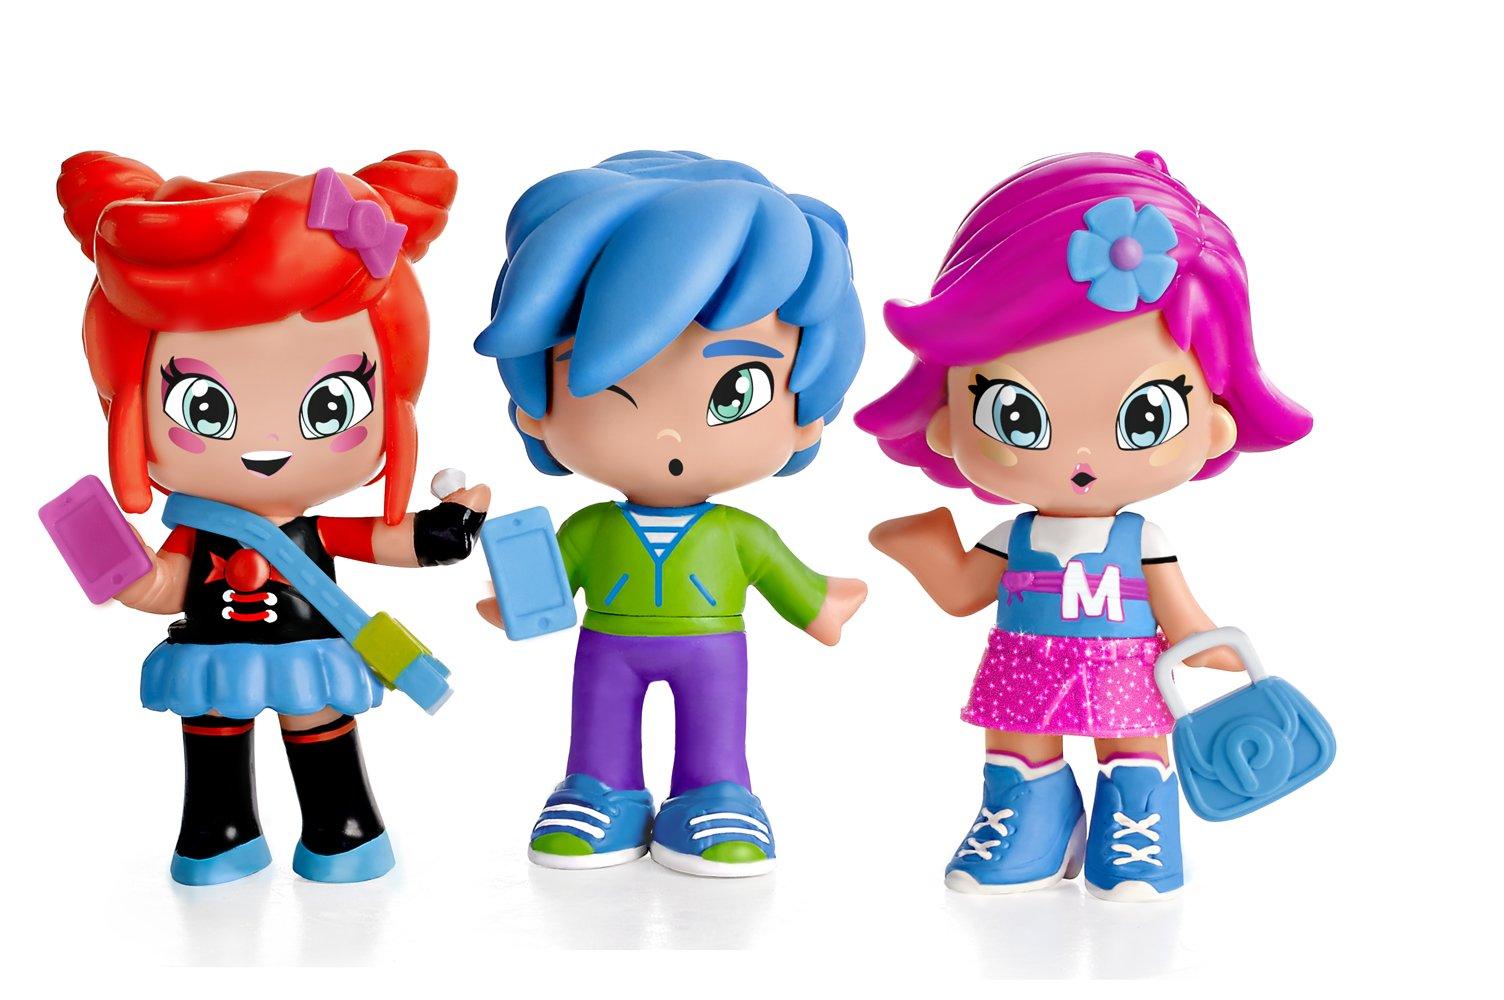 Amazon.es: PINY Pinypon by Pack de 3 figuras, Michelle, Rita y Sam, surtido 1 (Famosa 700013378): Juguetes y juegos